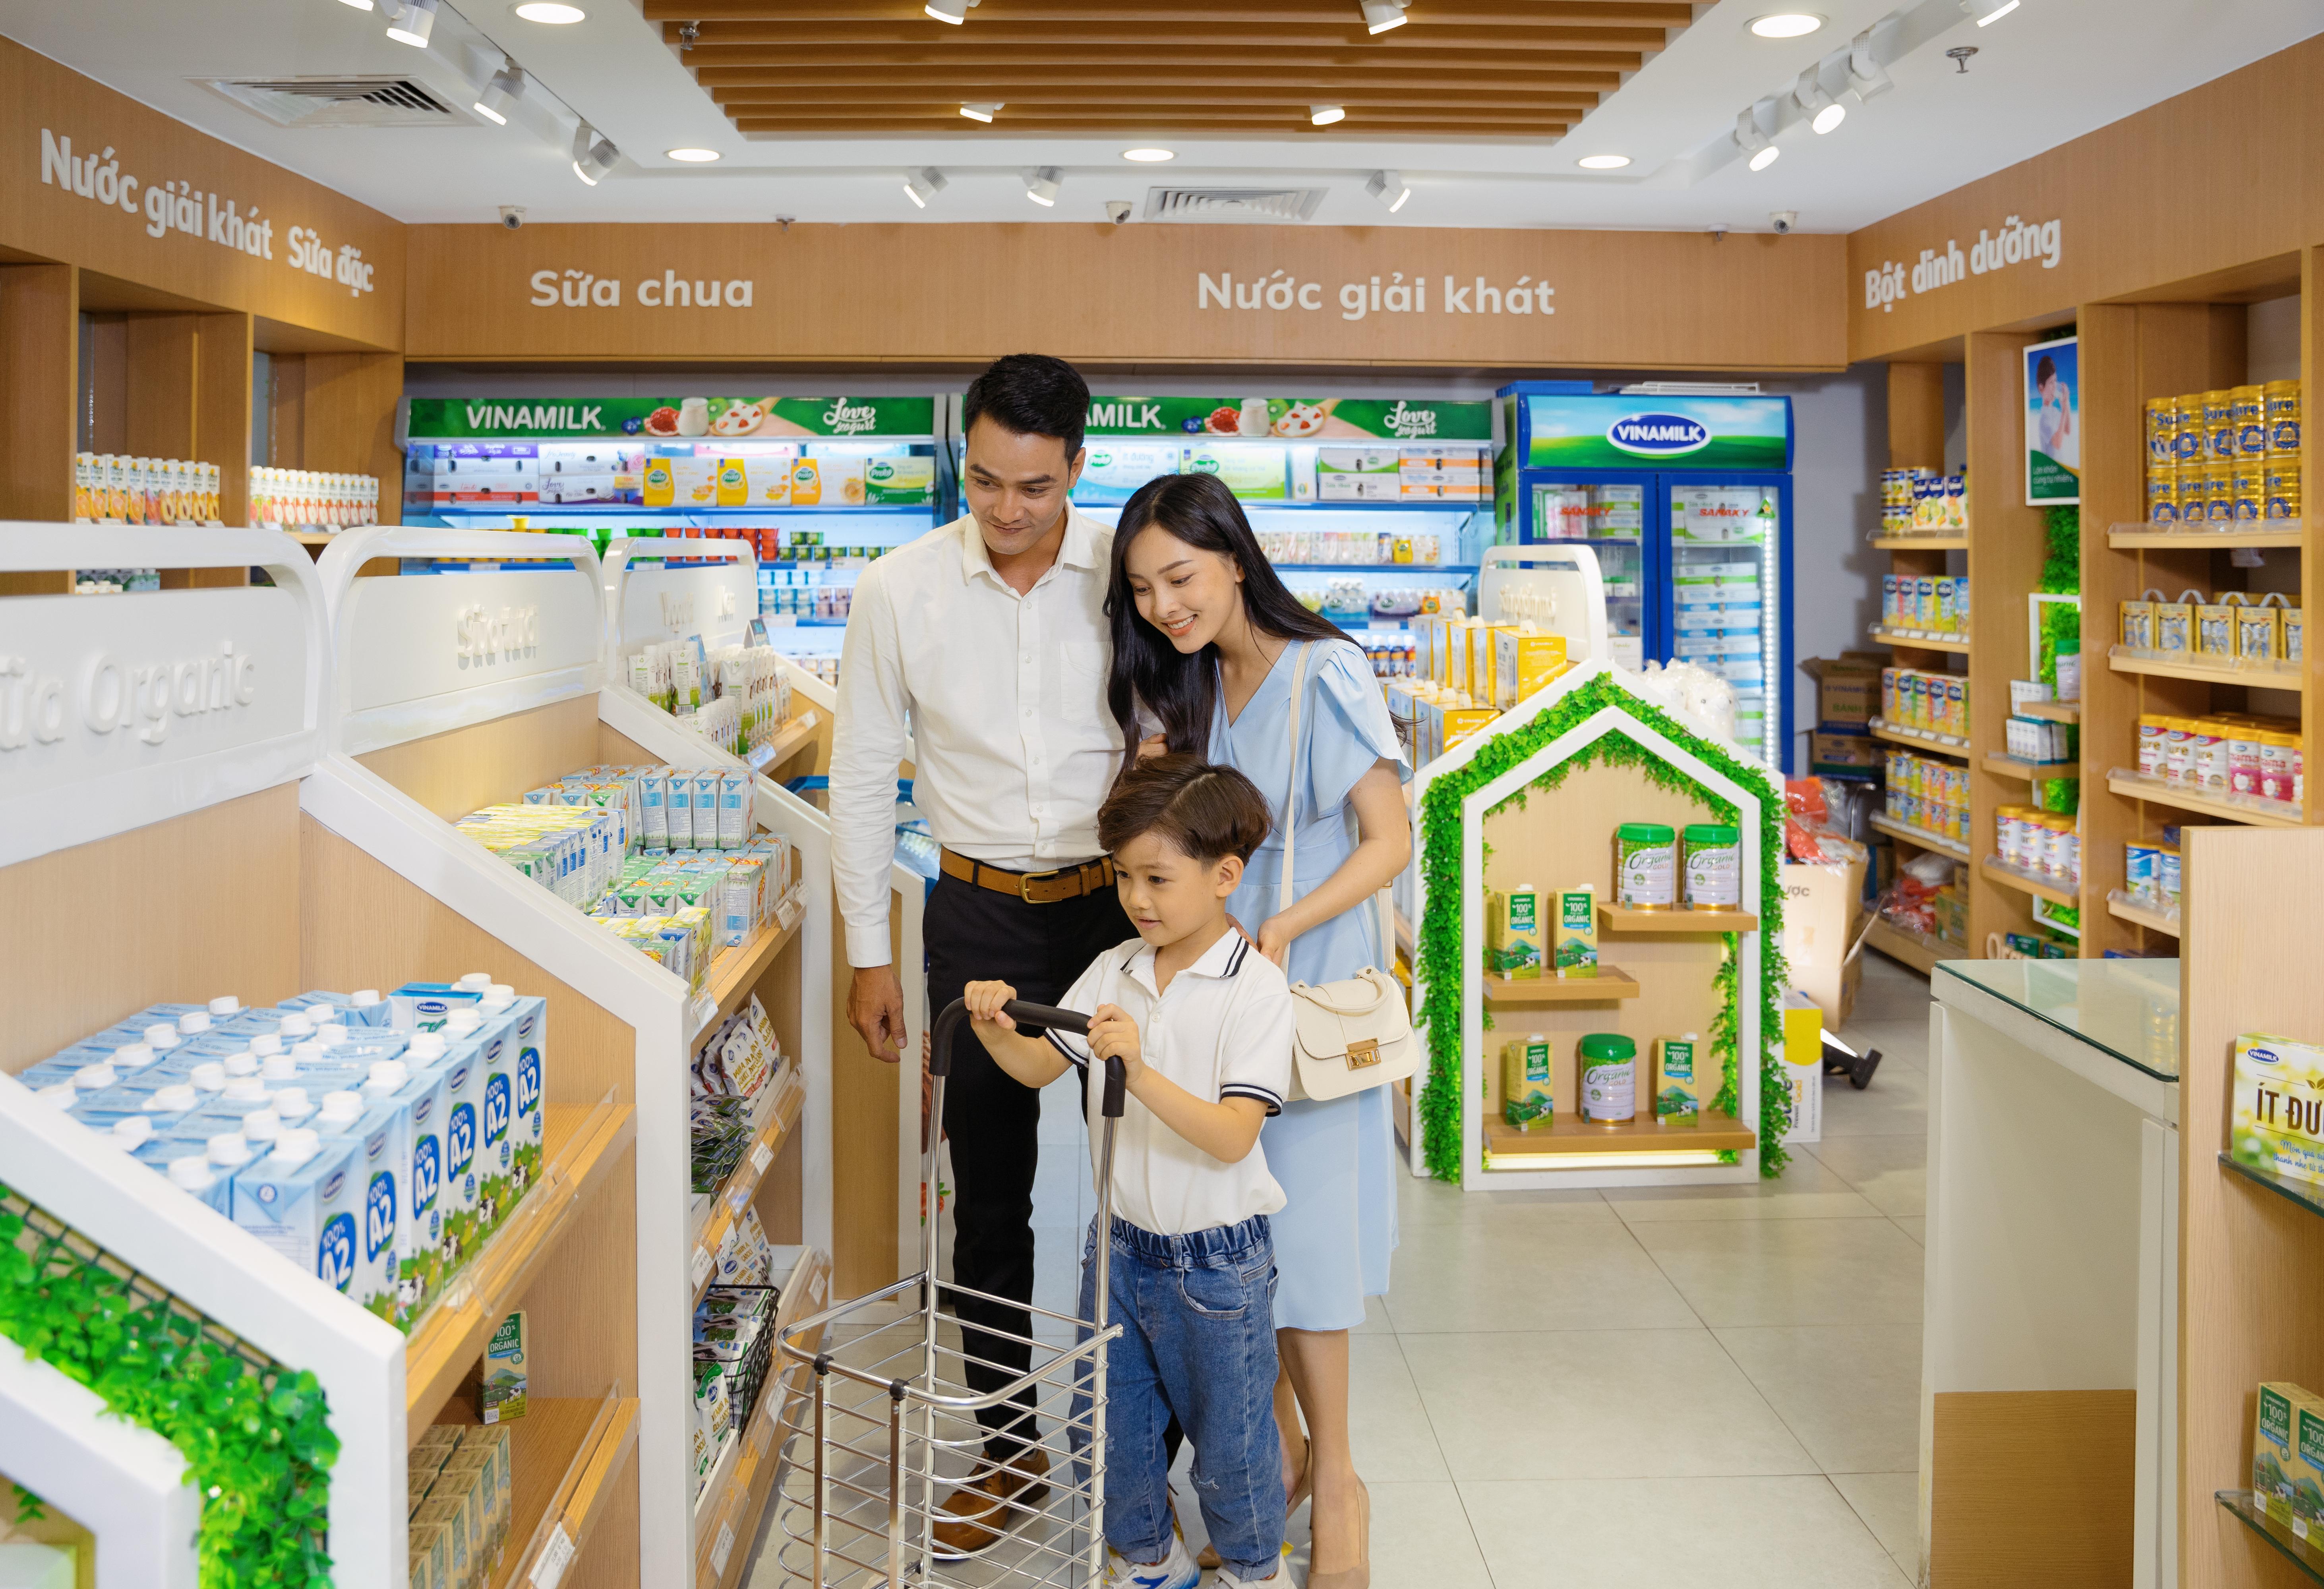 Vinamilk là thương hiệu được người tiêu dùng Việt Nam chọn mua nhiều nhất trong nhiều năm liền